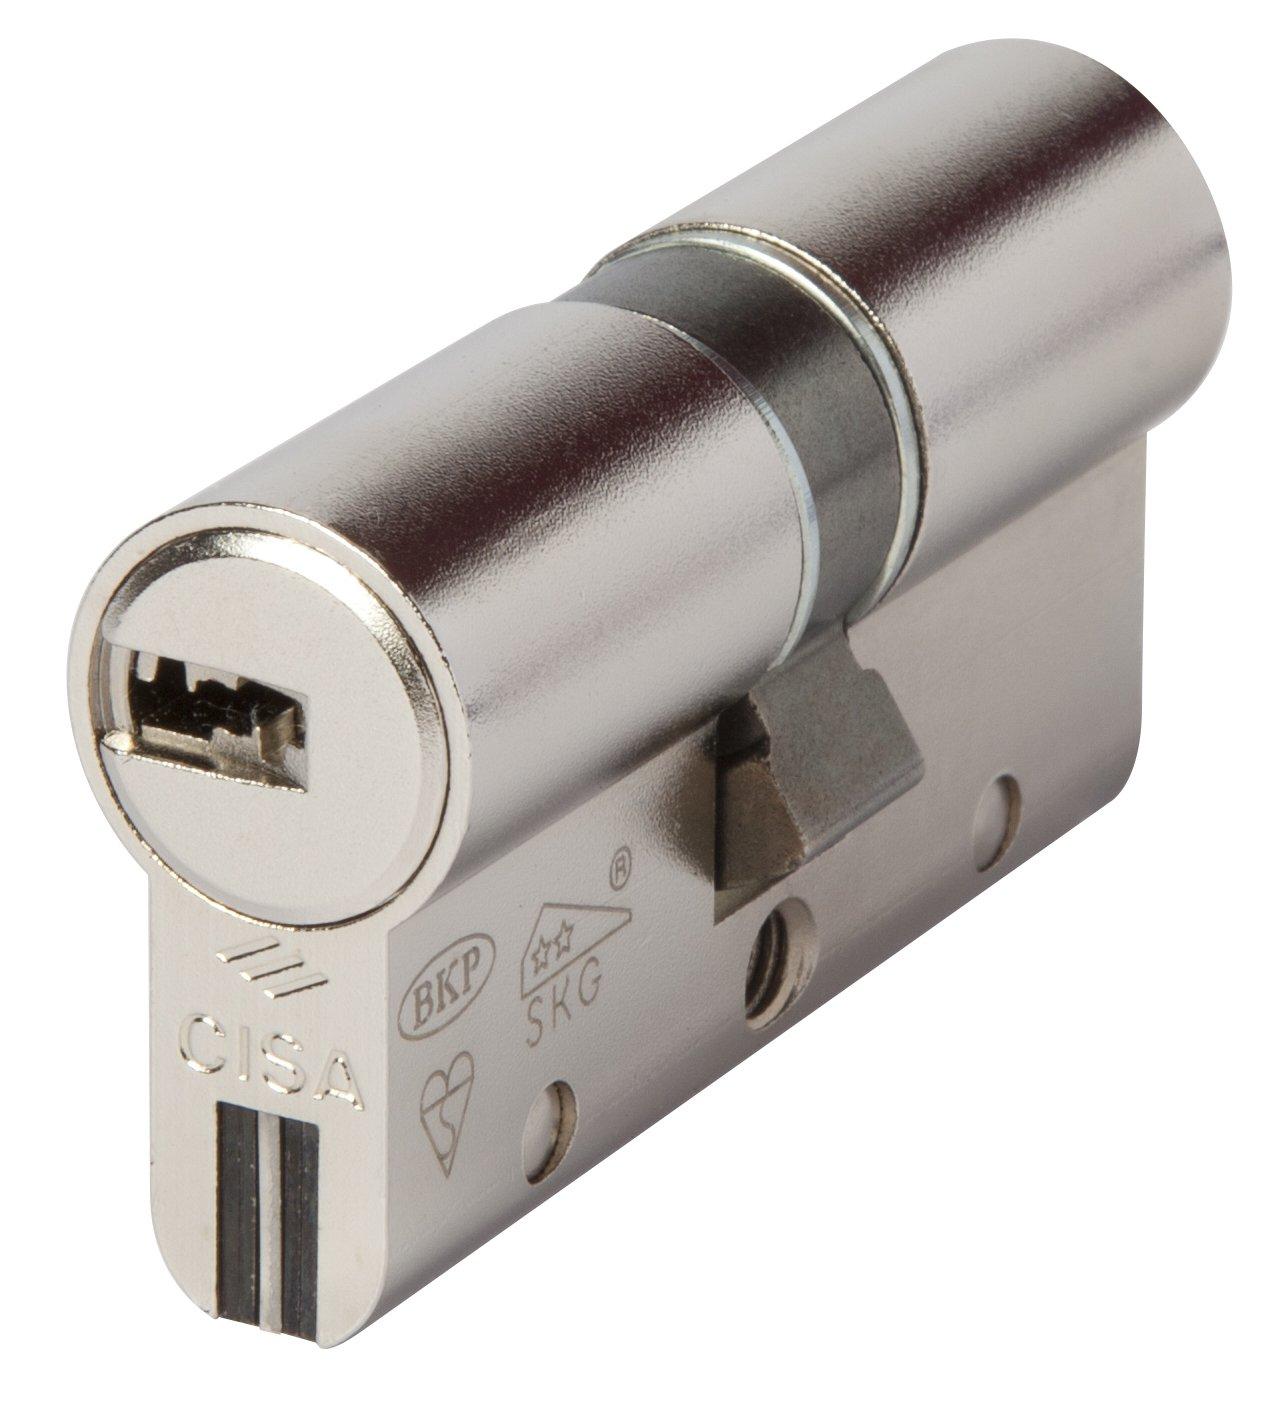 Porta blindata aggiornala per stare pi sicuro cose - Cilindro europeo cisa 5 chiavi ...